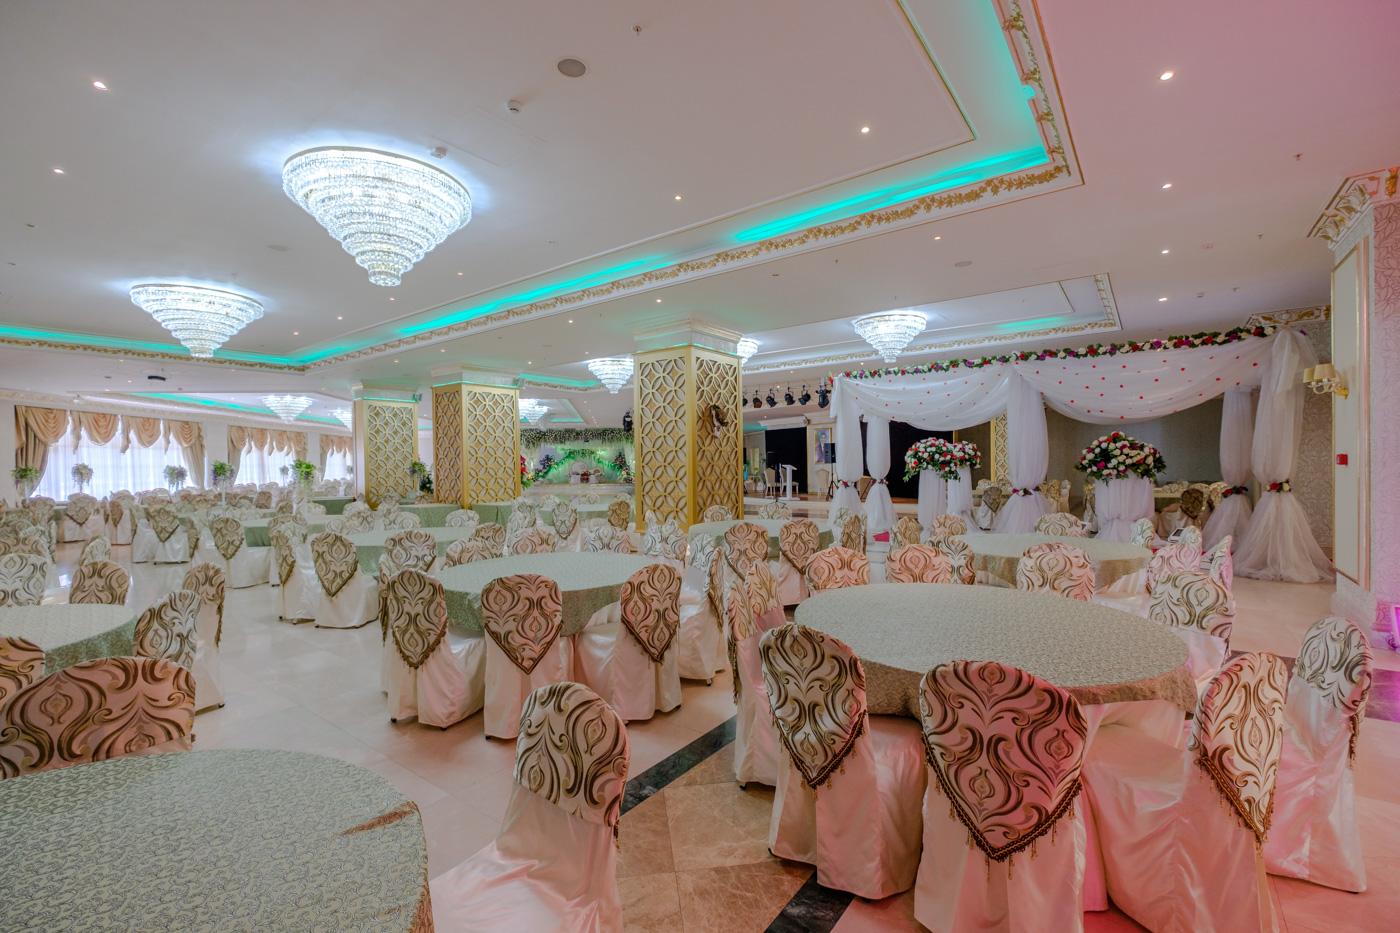 Ein Saal im Hochzeitspalast.